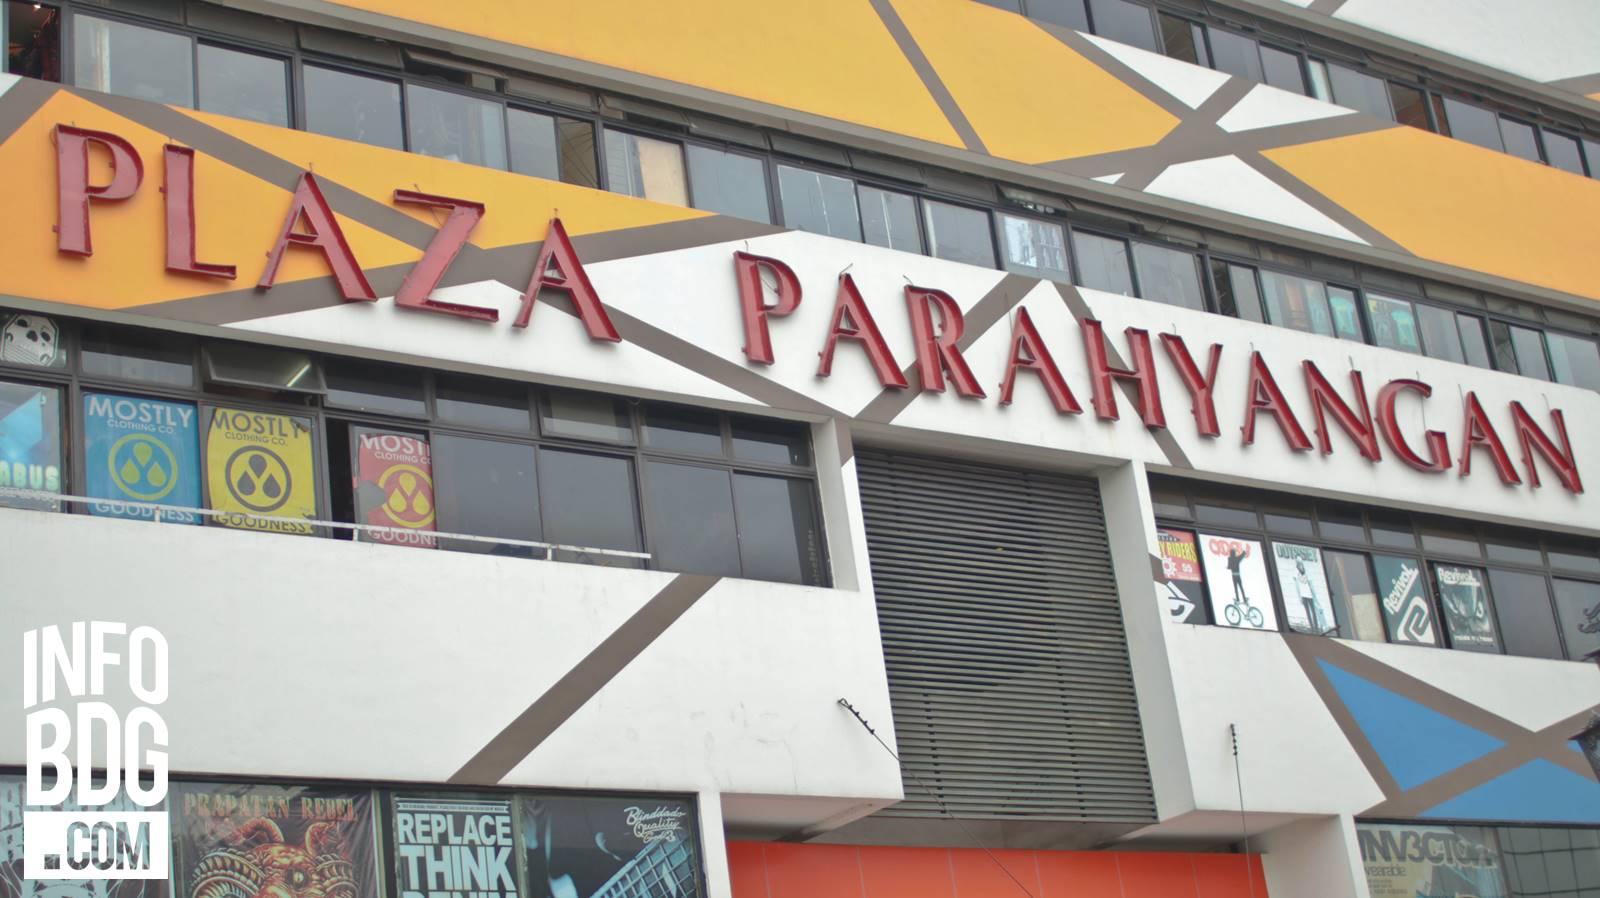 Plaza Parahyangan Pusat Distro Di Bandung